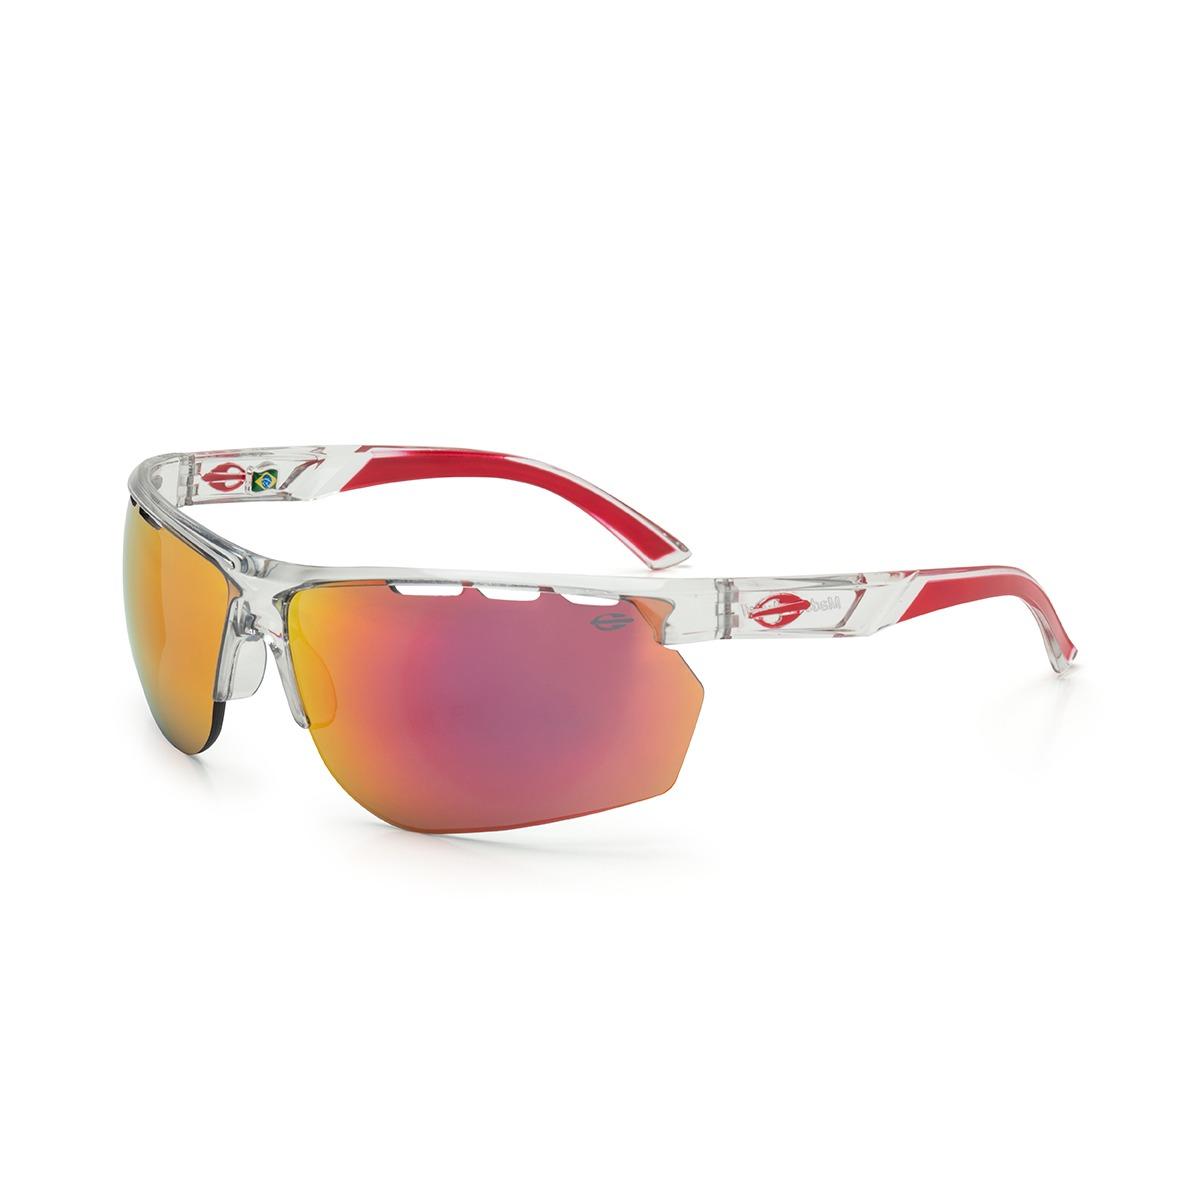 8c771a886 óculos de sol mormaii thunder m0078 df6 11 transparente len. Carregando  zoom.